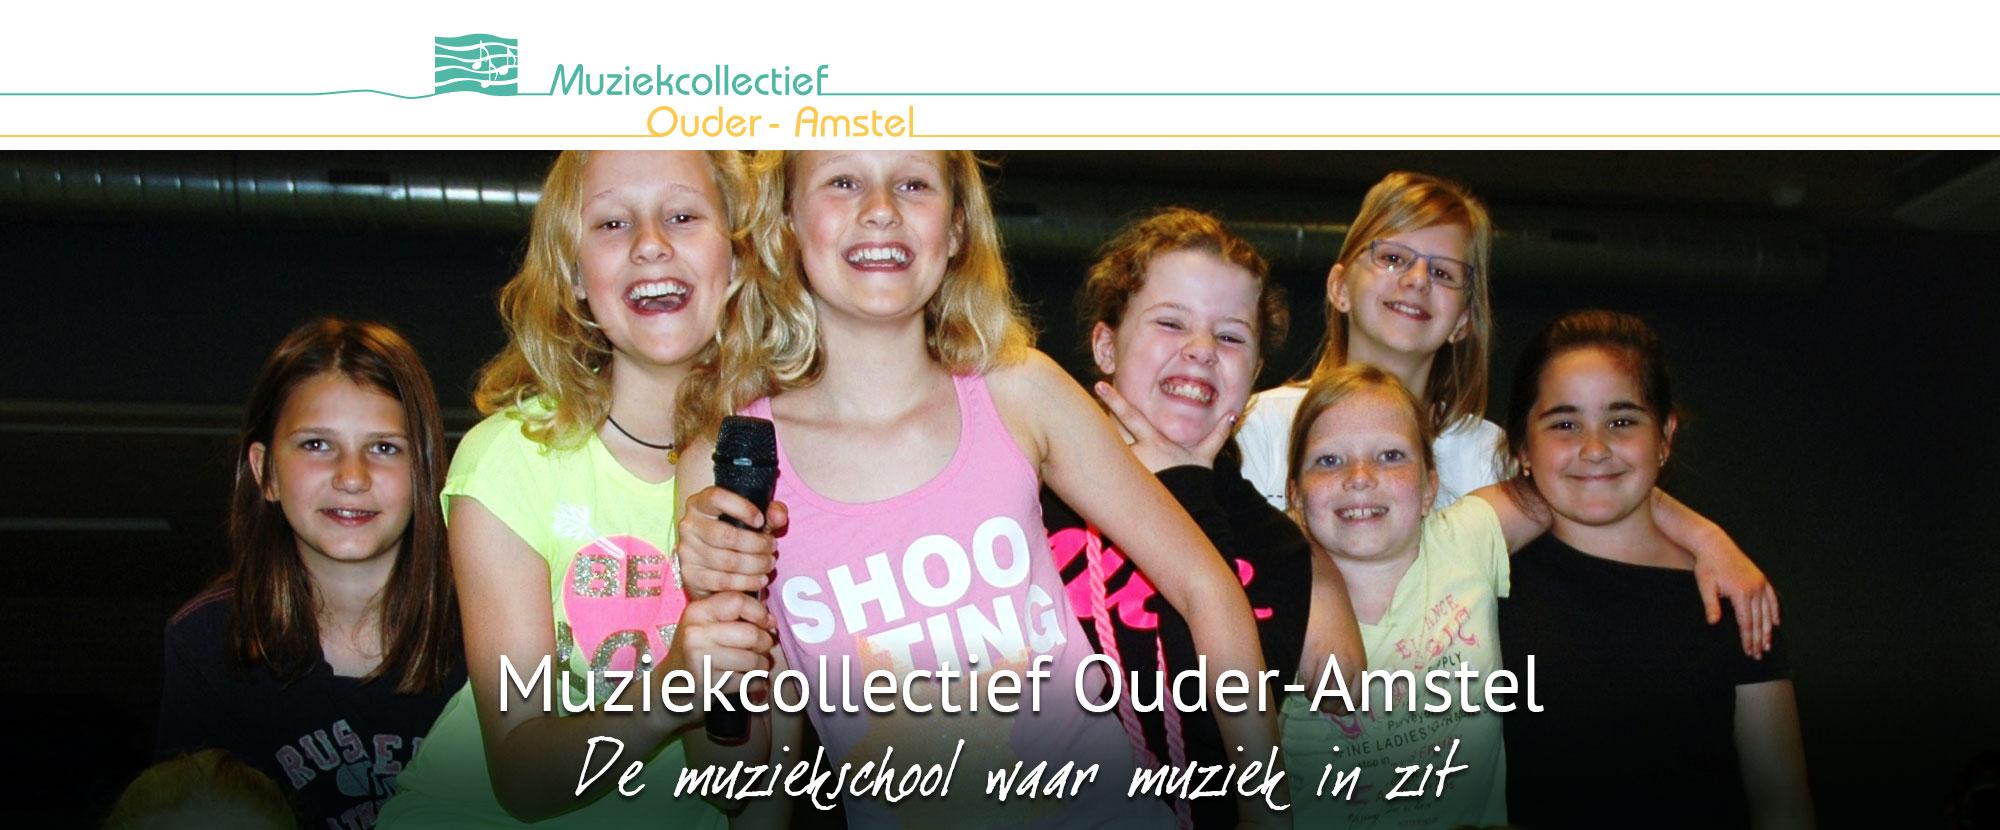 Muziekcollectief Ouder-Amstel, de muziekschool waar muziek in zit